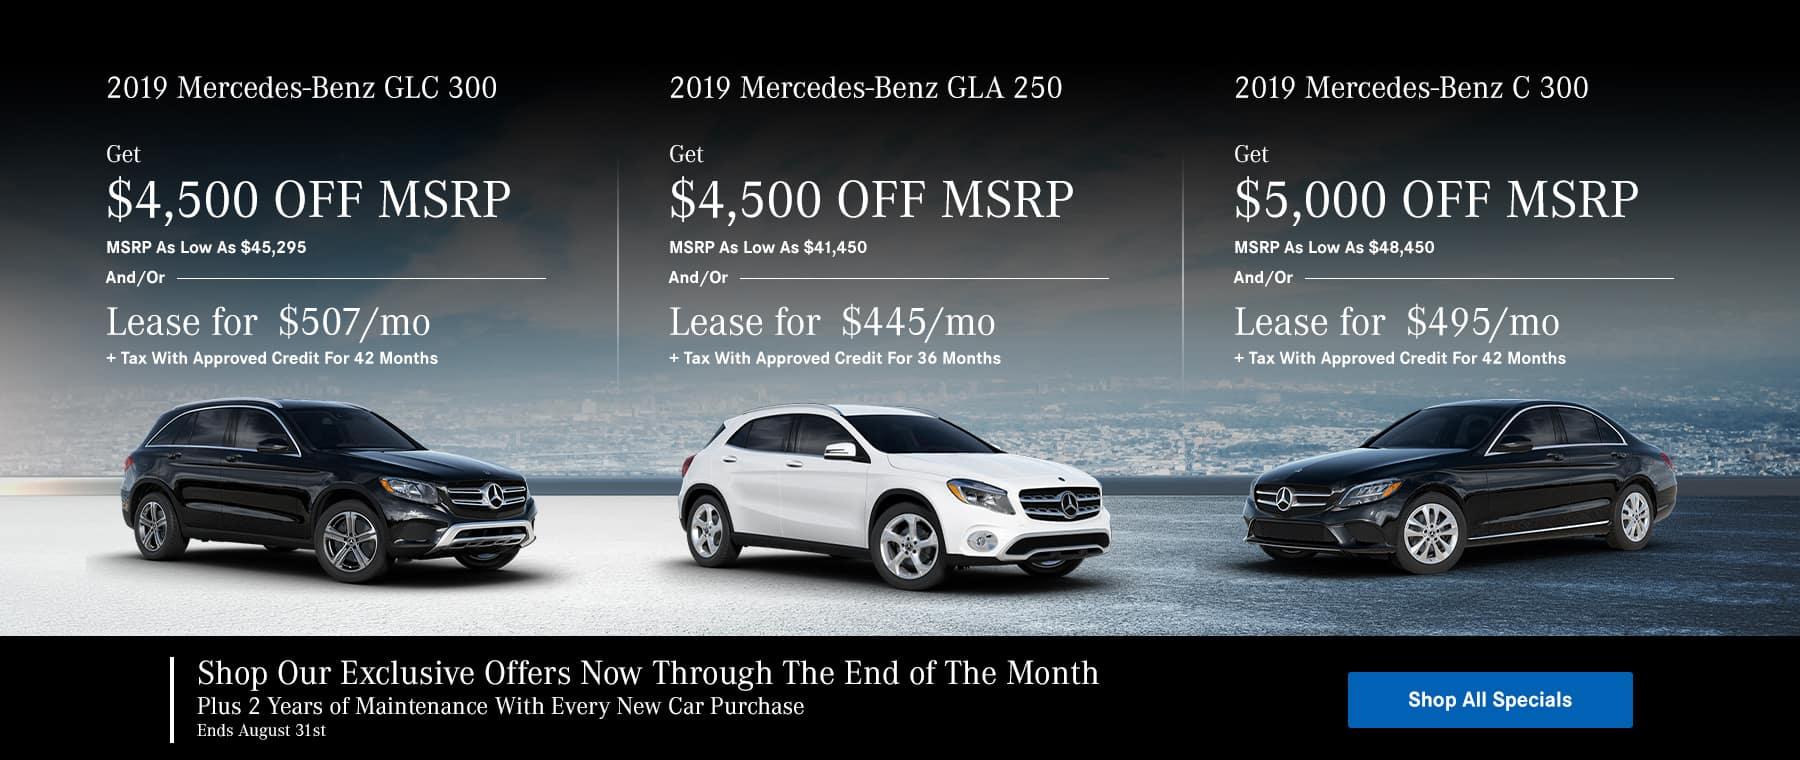 Mercedes-Benz Hot List Specials